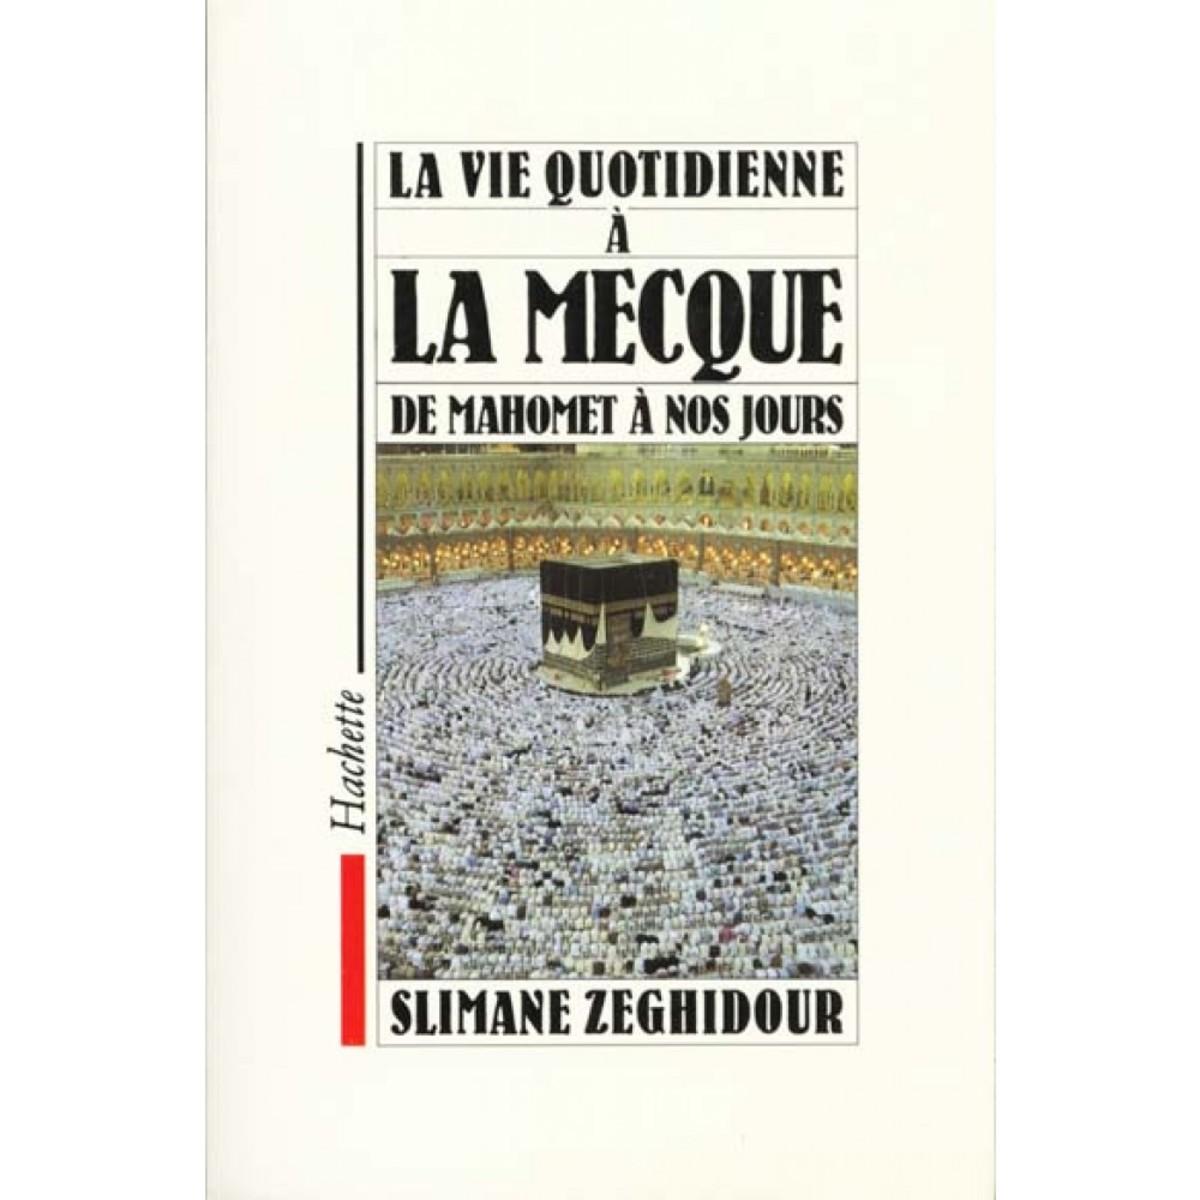 la-vie-quotidienne-la-mecque-de-mahomet-nos-jours-review